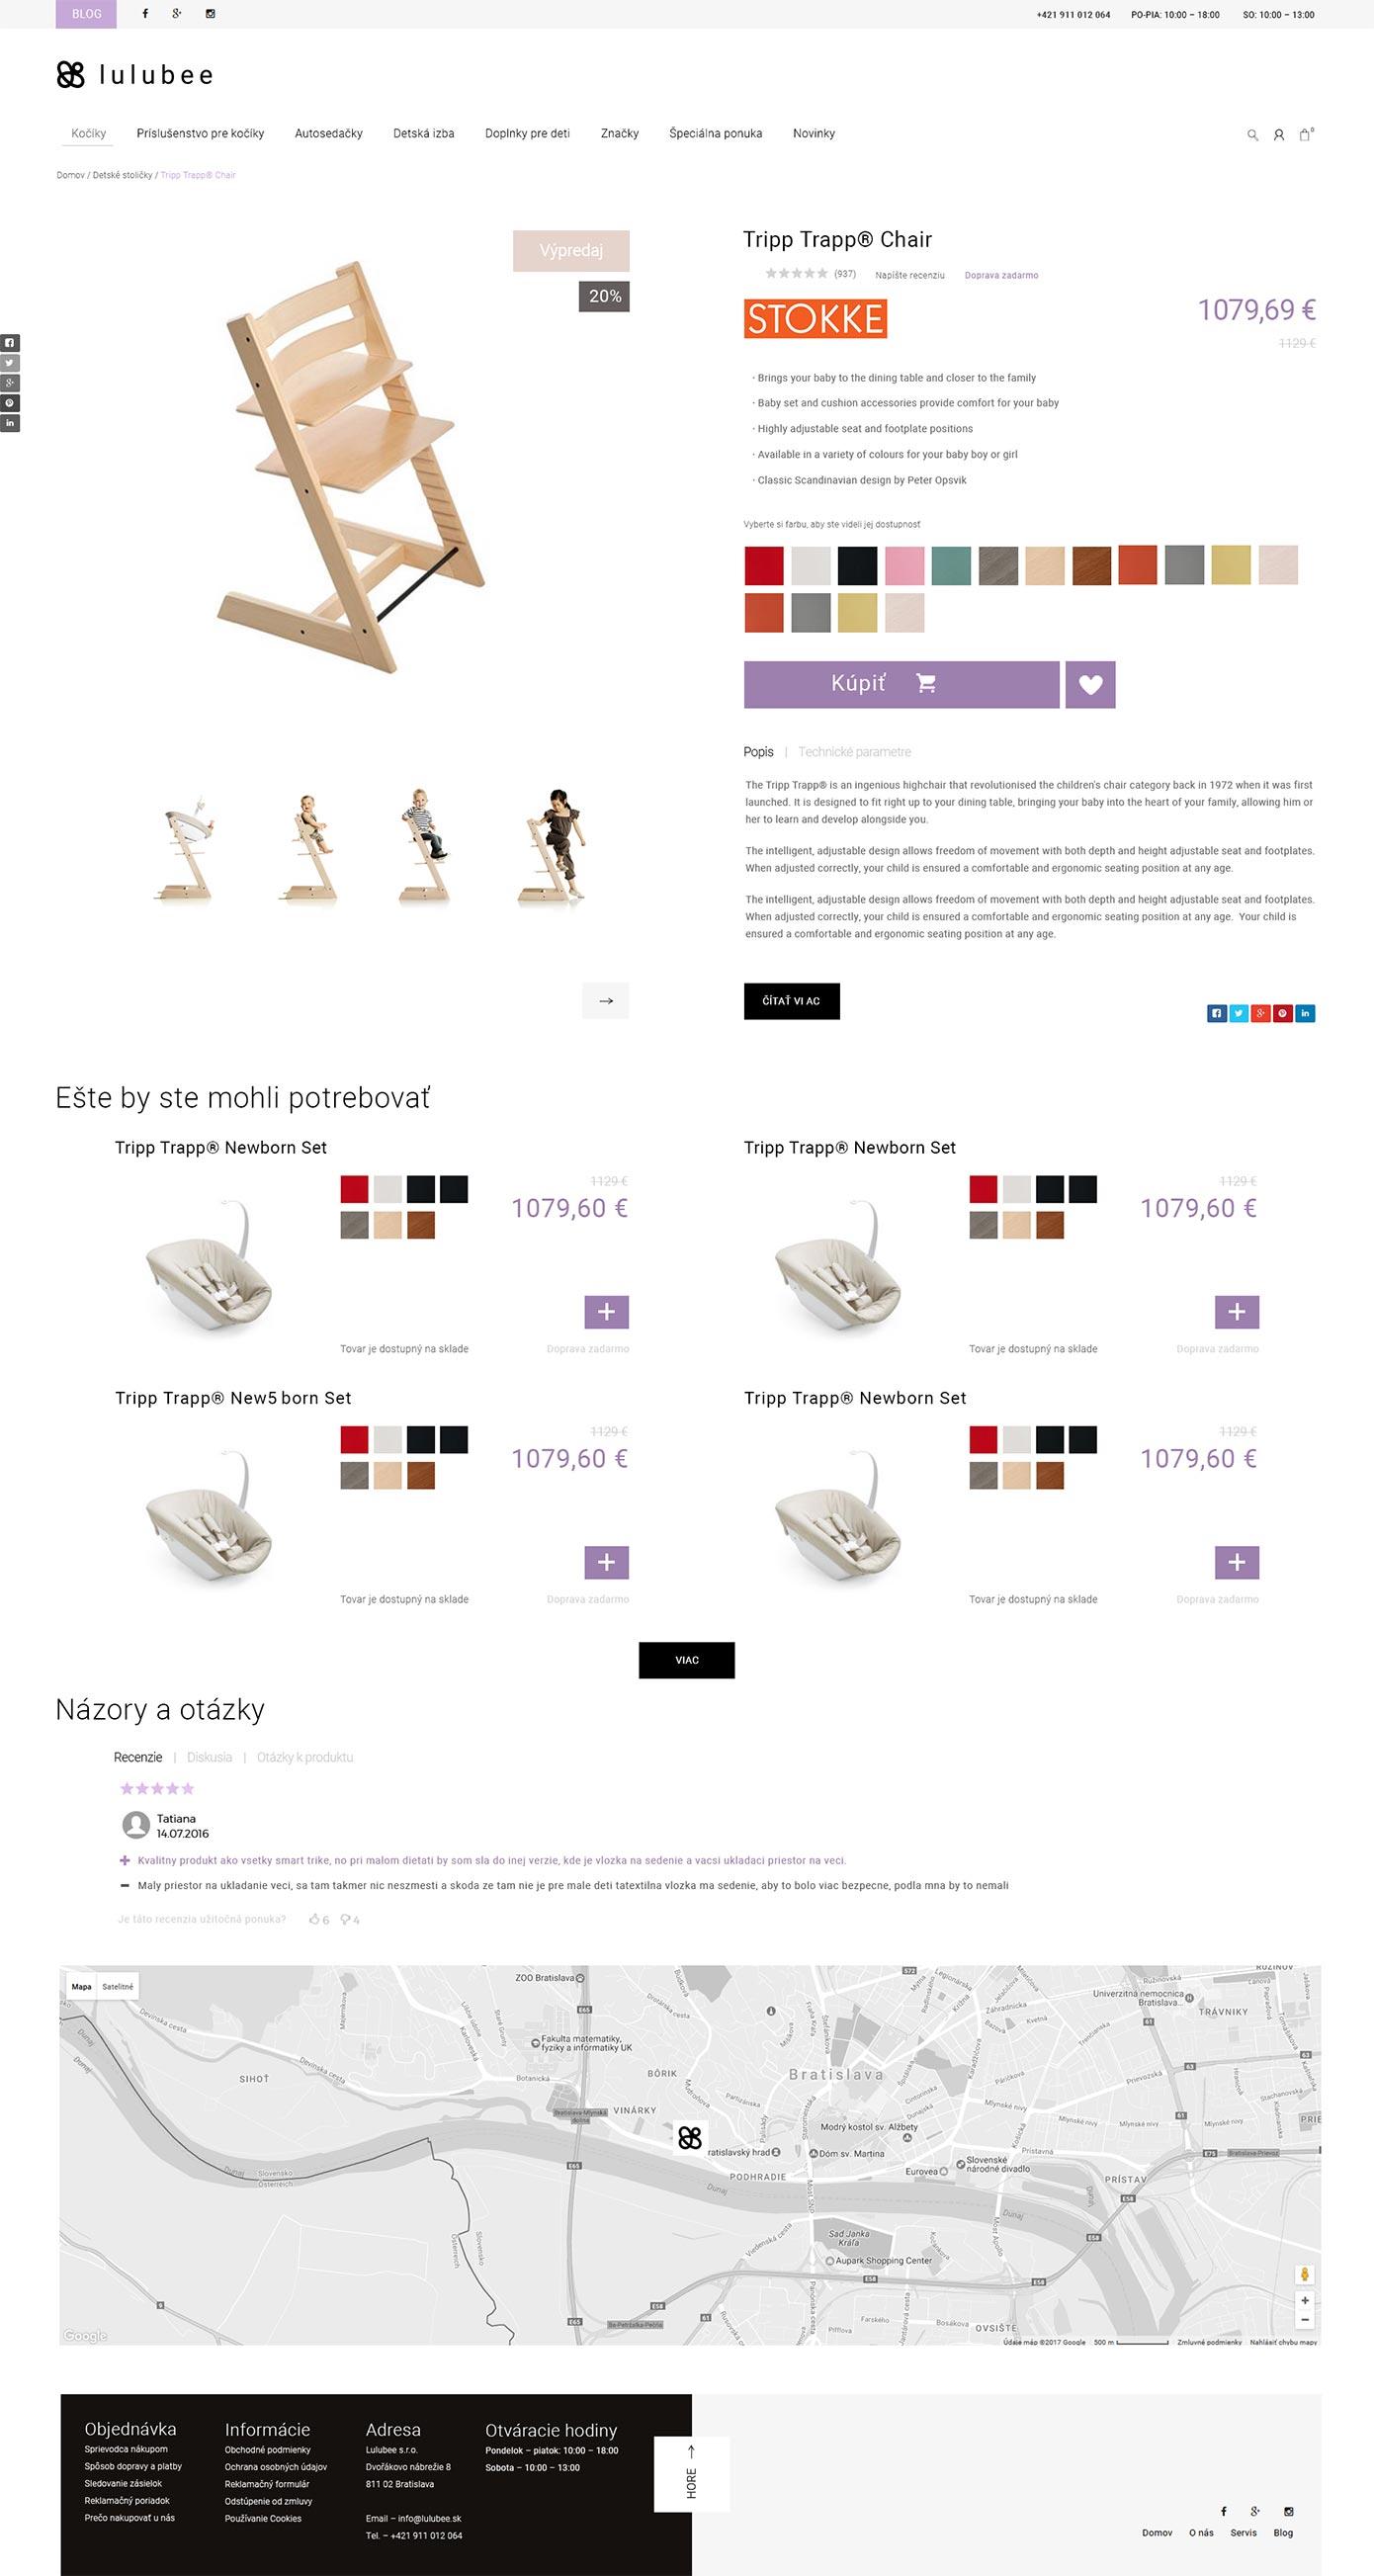 Dizajn produktu Lulubee